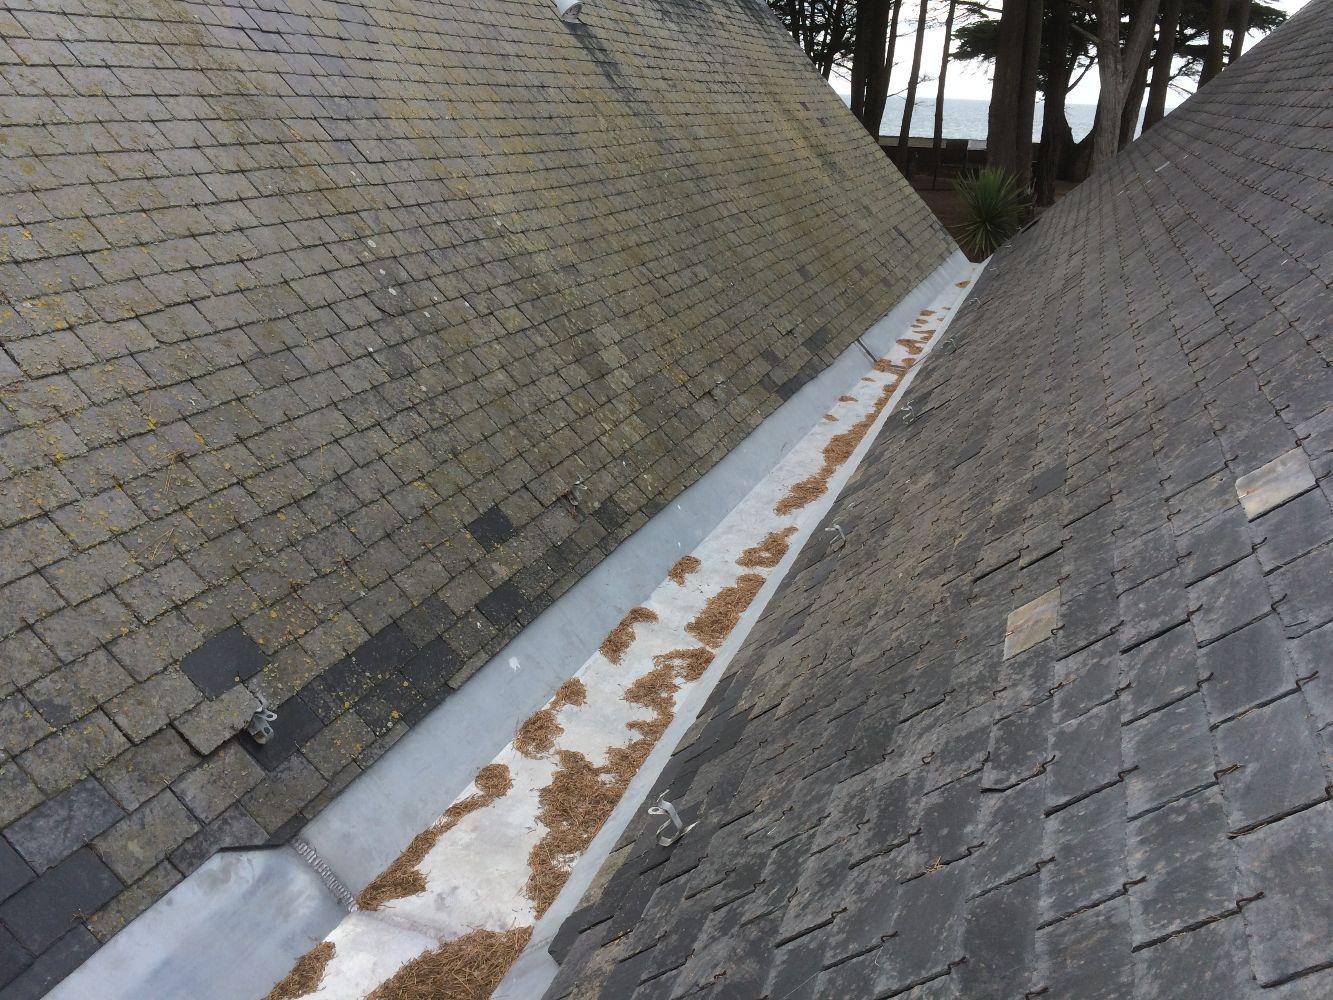 En images : entretien à faire toiture terrasse - 44260 Malville